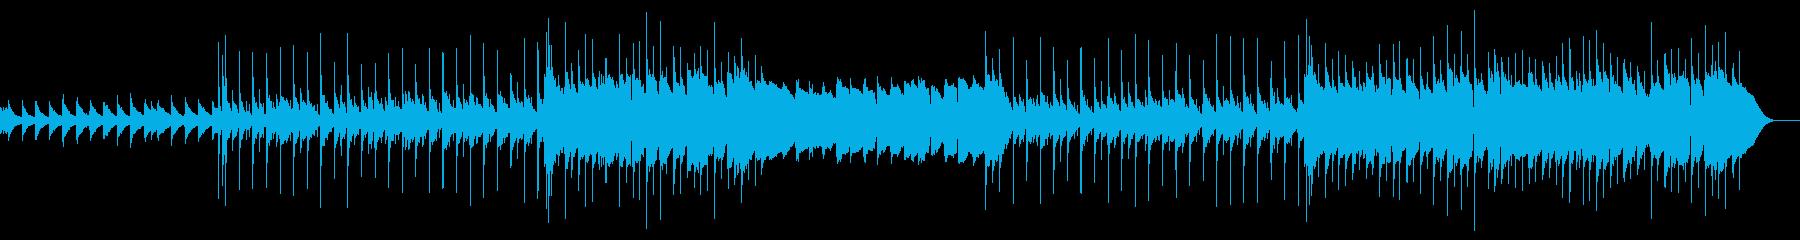 アコースティックギターによる切ない曲の再生済みの波形